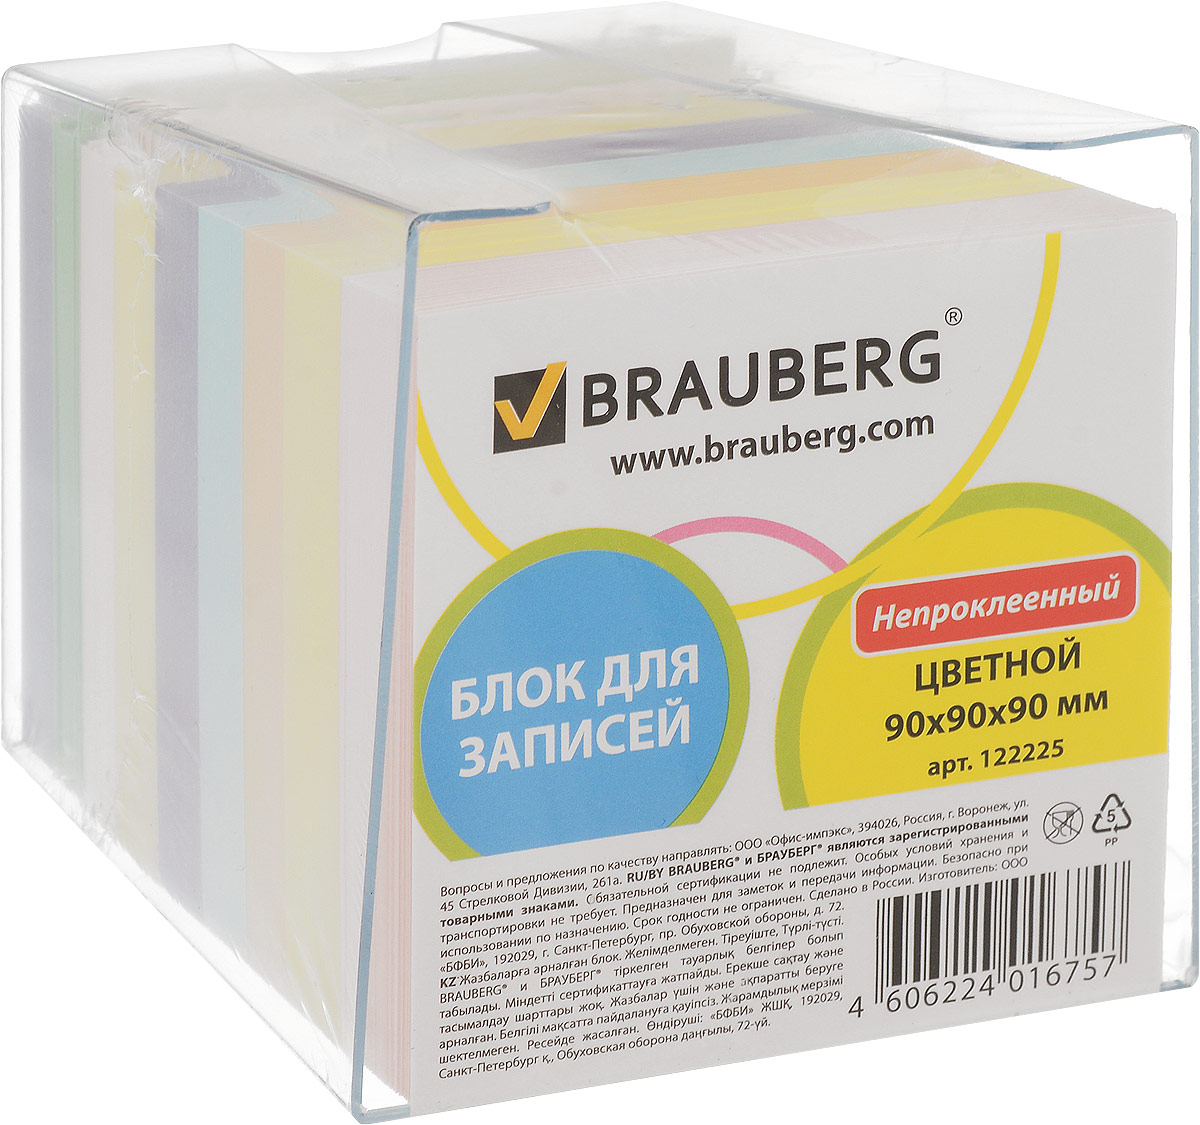 Brauberg Блок для записей непроклеенный 9 х 9 см 1222250703415Блок для записей Brauberg - практичное решение для оперативной записи информации в офисе или дома. Блок состоит из листов разноцветной бумаги, что помогает лучше ориентироваться во множестве повседневных заметок.А яркий блок-кубик на вашем рабочем столе поднимет настроение вам и вашим коллегам!Бумага для записей поставляется в удобной пластиковой подставке. Когда бумага закончится, можно вставить сменный блок.